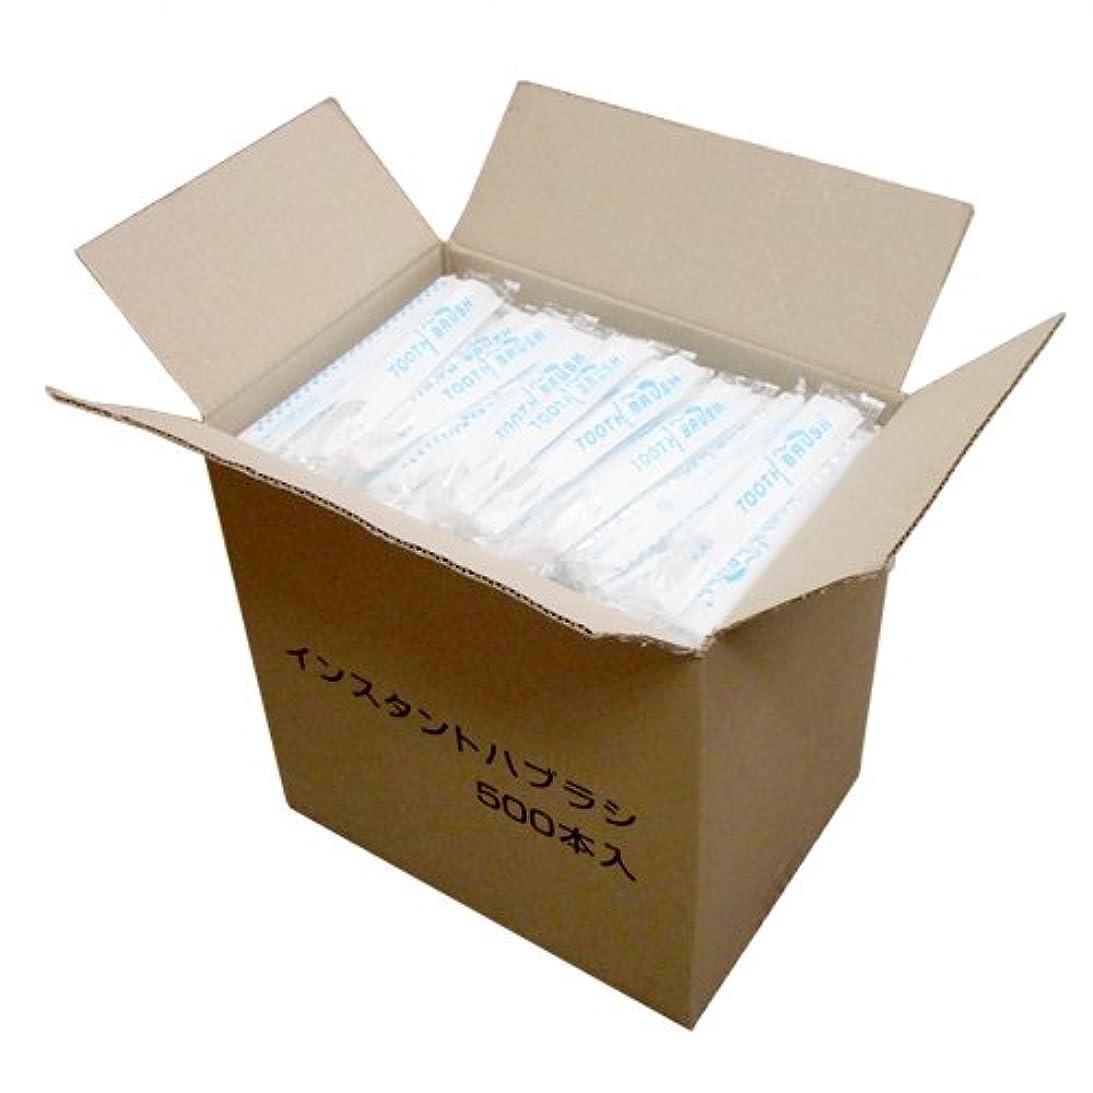 迅速破産問題業務用 日本製 使い捨て粉付き歯ブラシ 個包装タイプ 500本入×8箱 (4000本入)│ホテルアメニティ